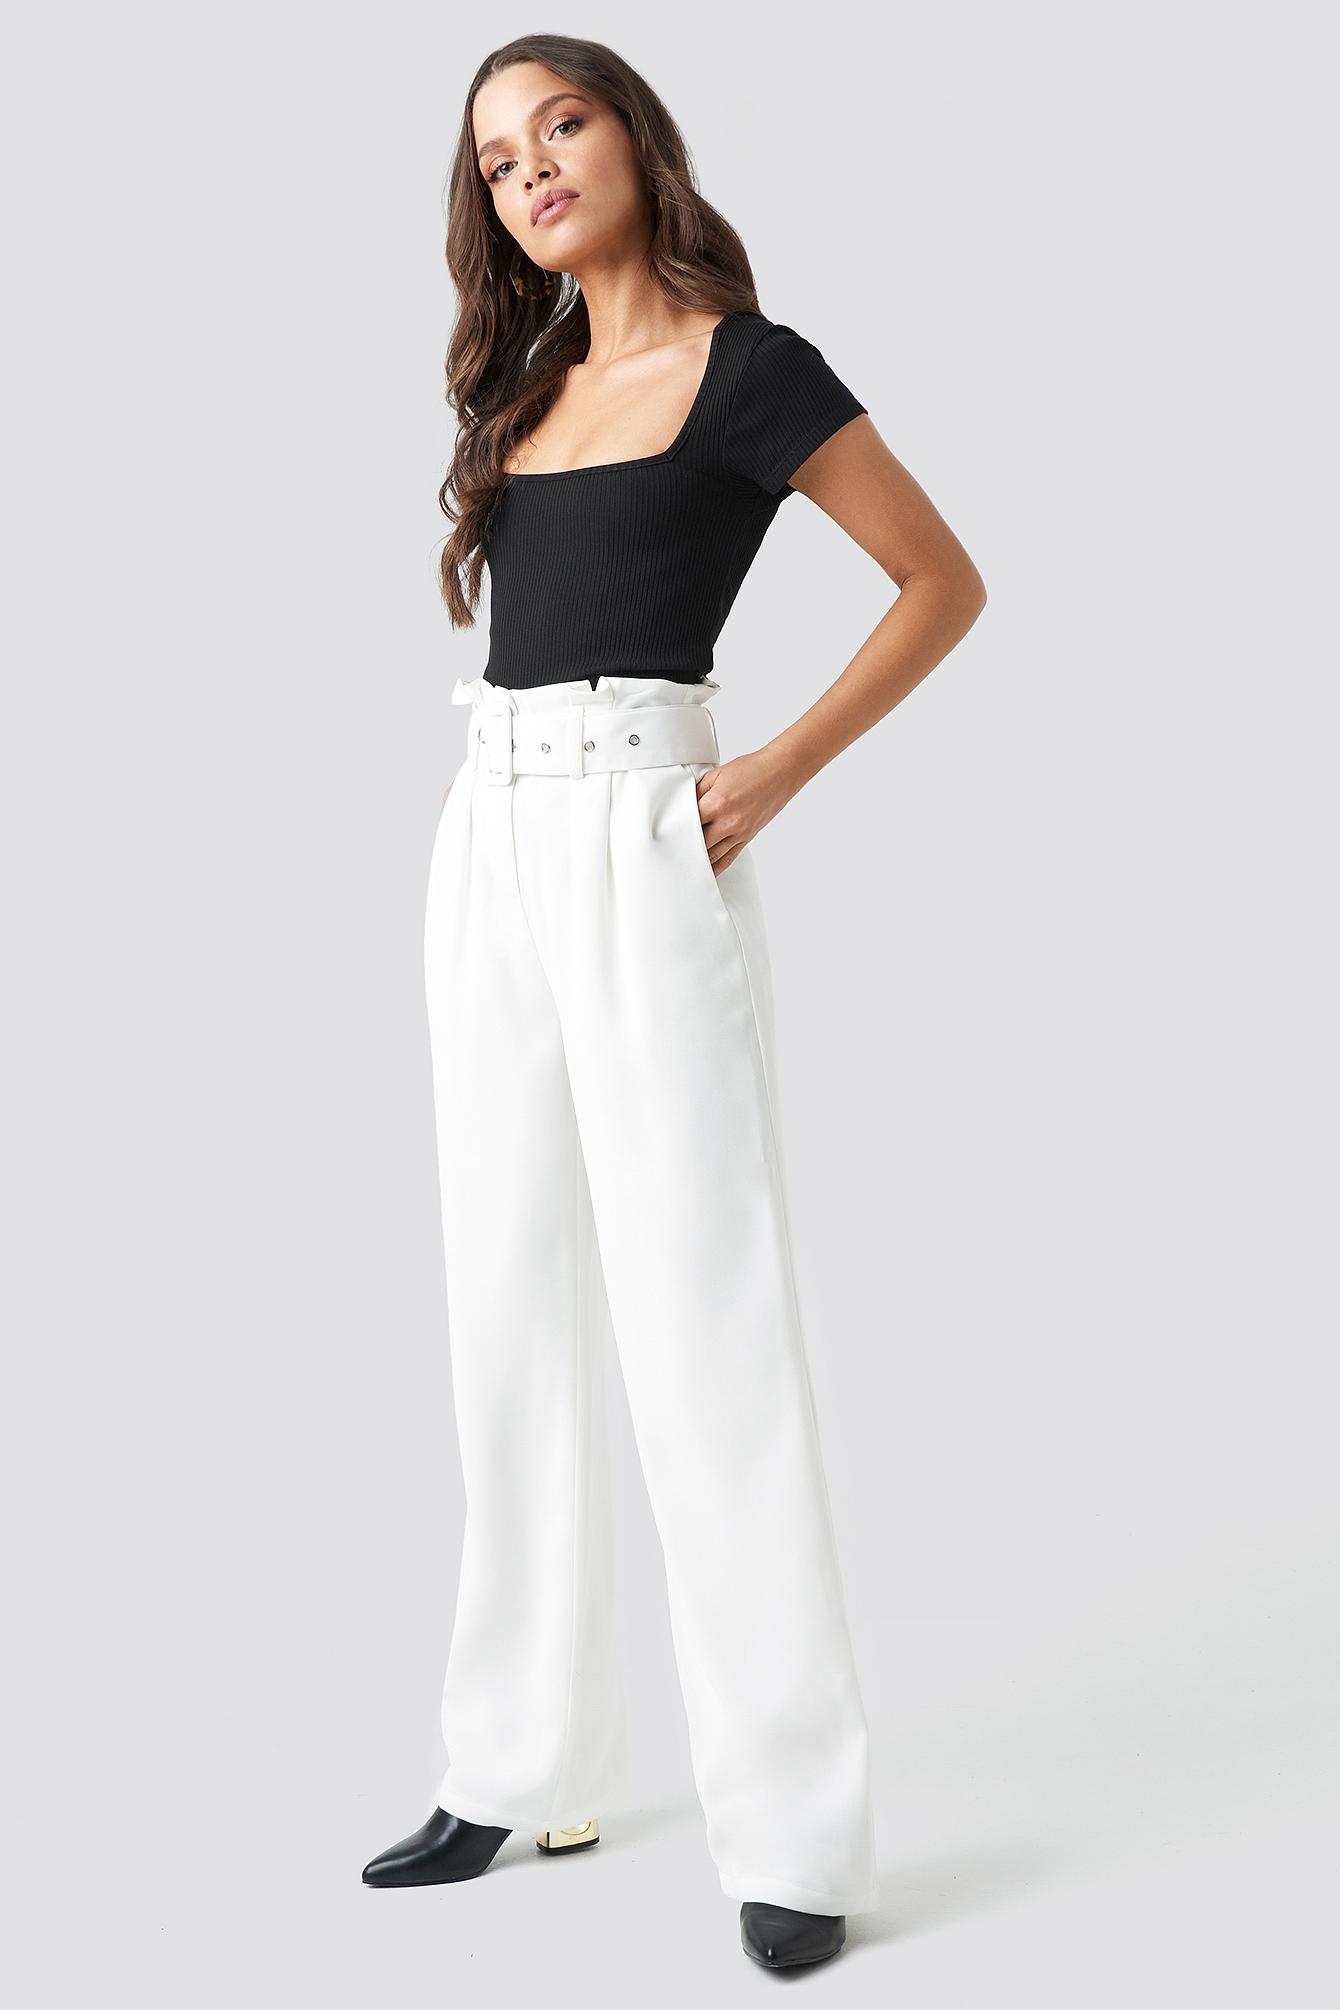 chloé b x na-kd -  Belted Highwaist Flared Pants - White